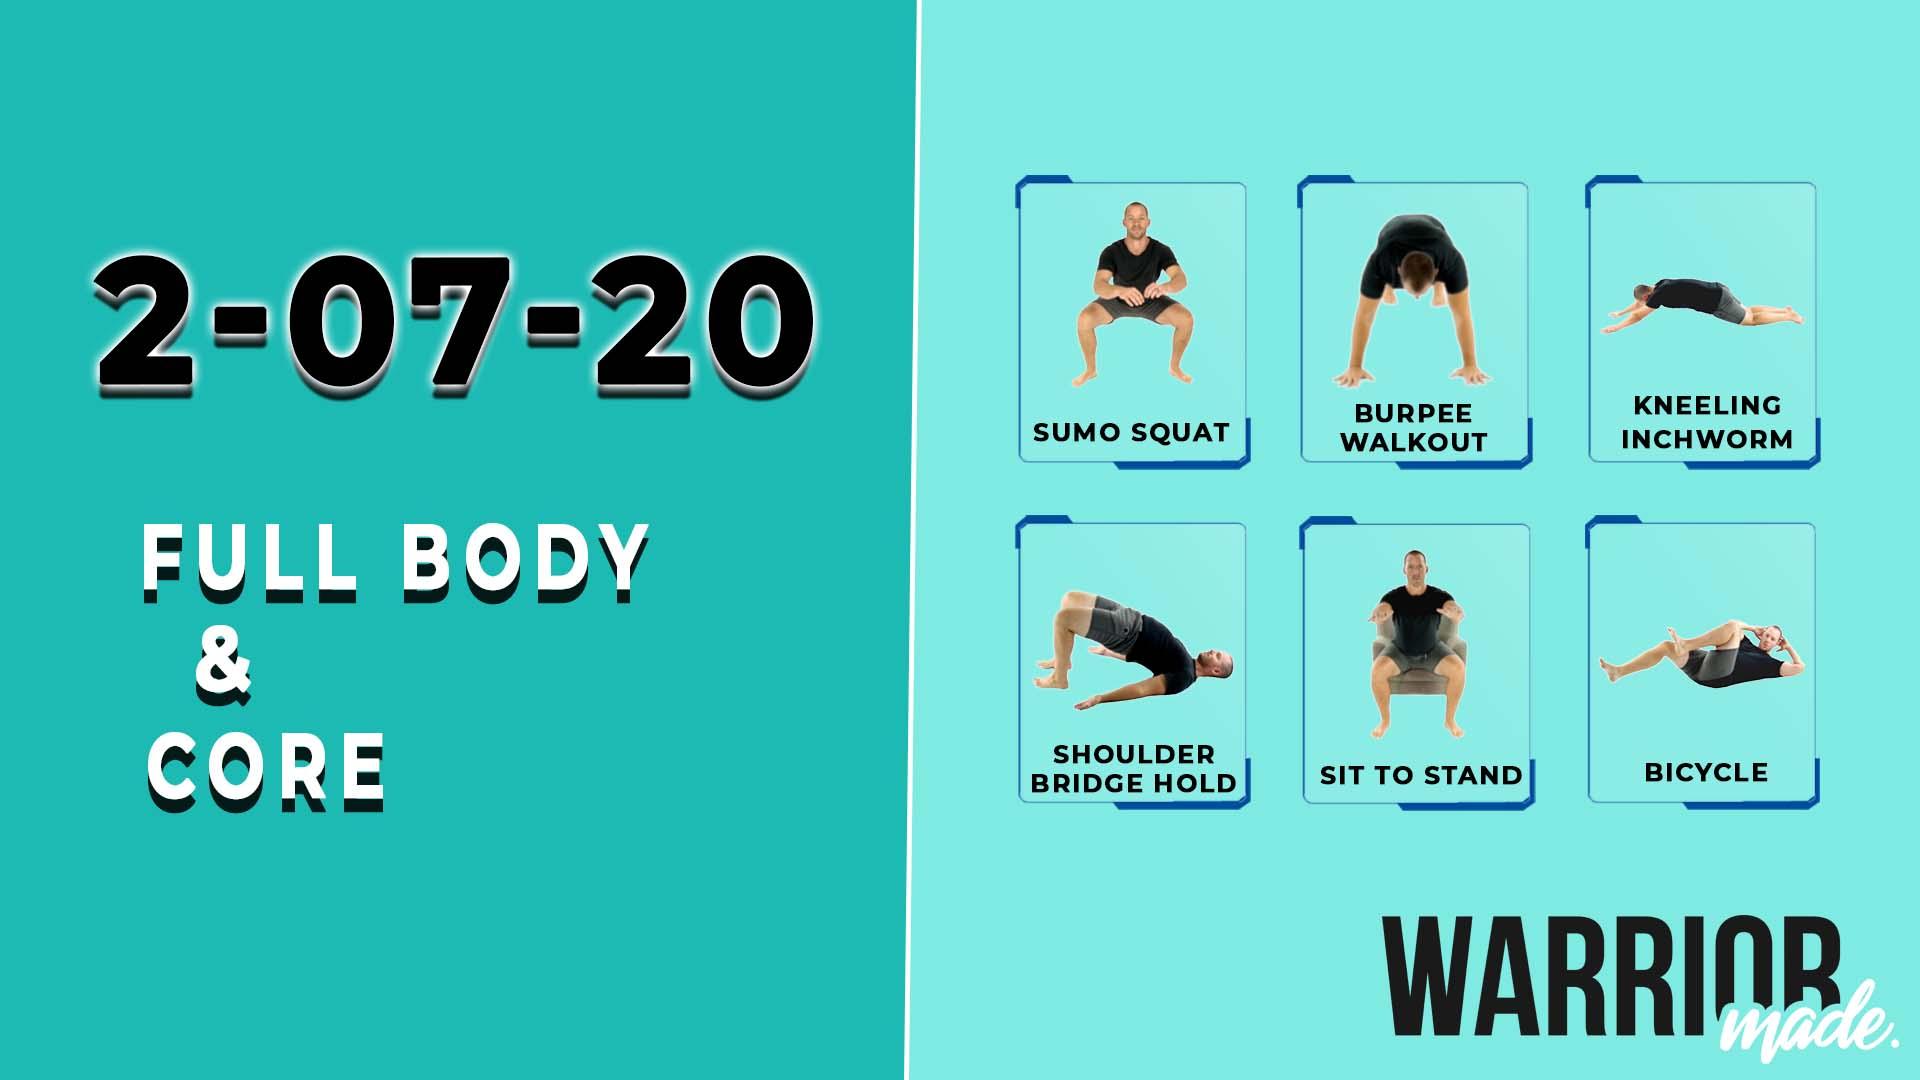 workouts-02-07-20